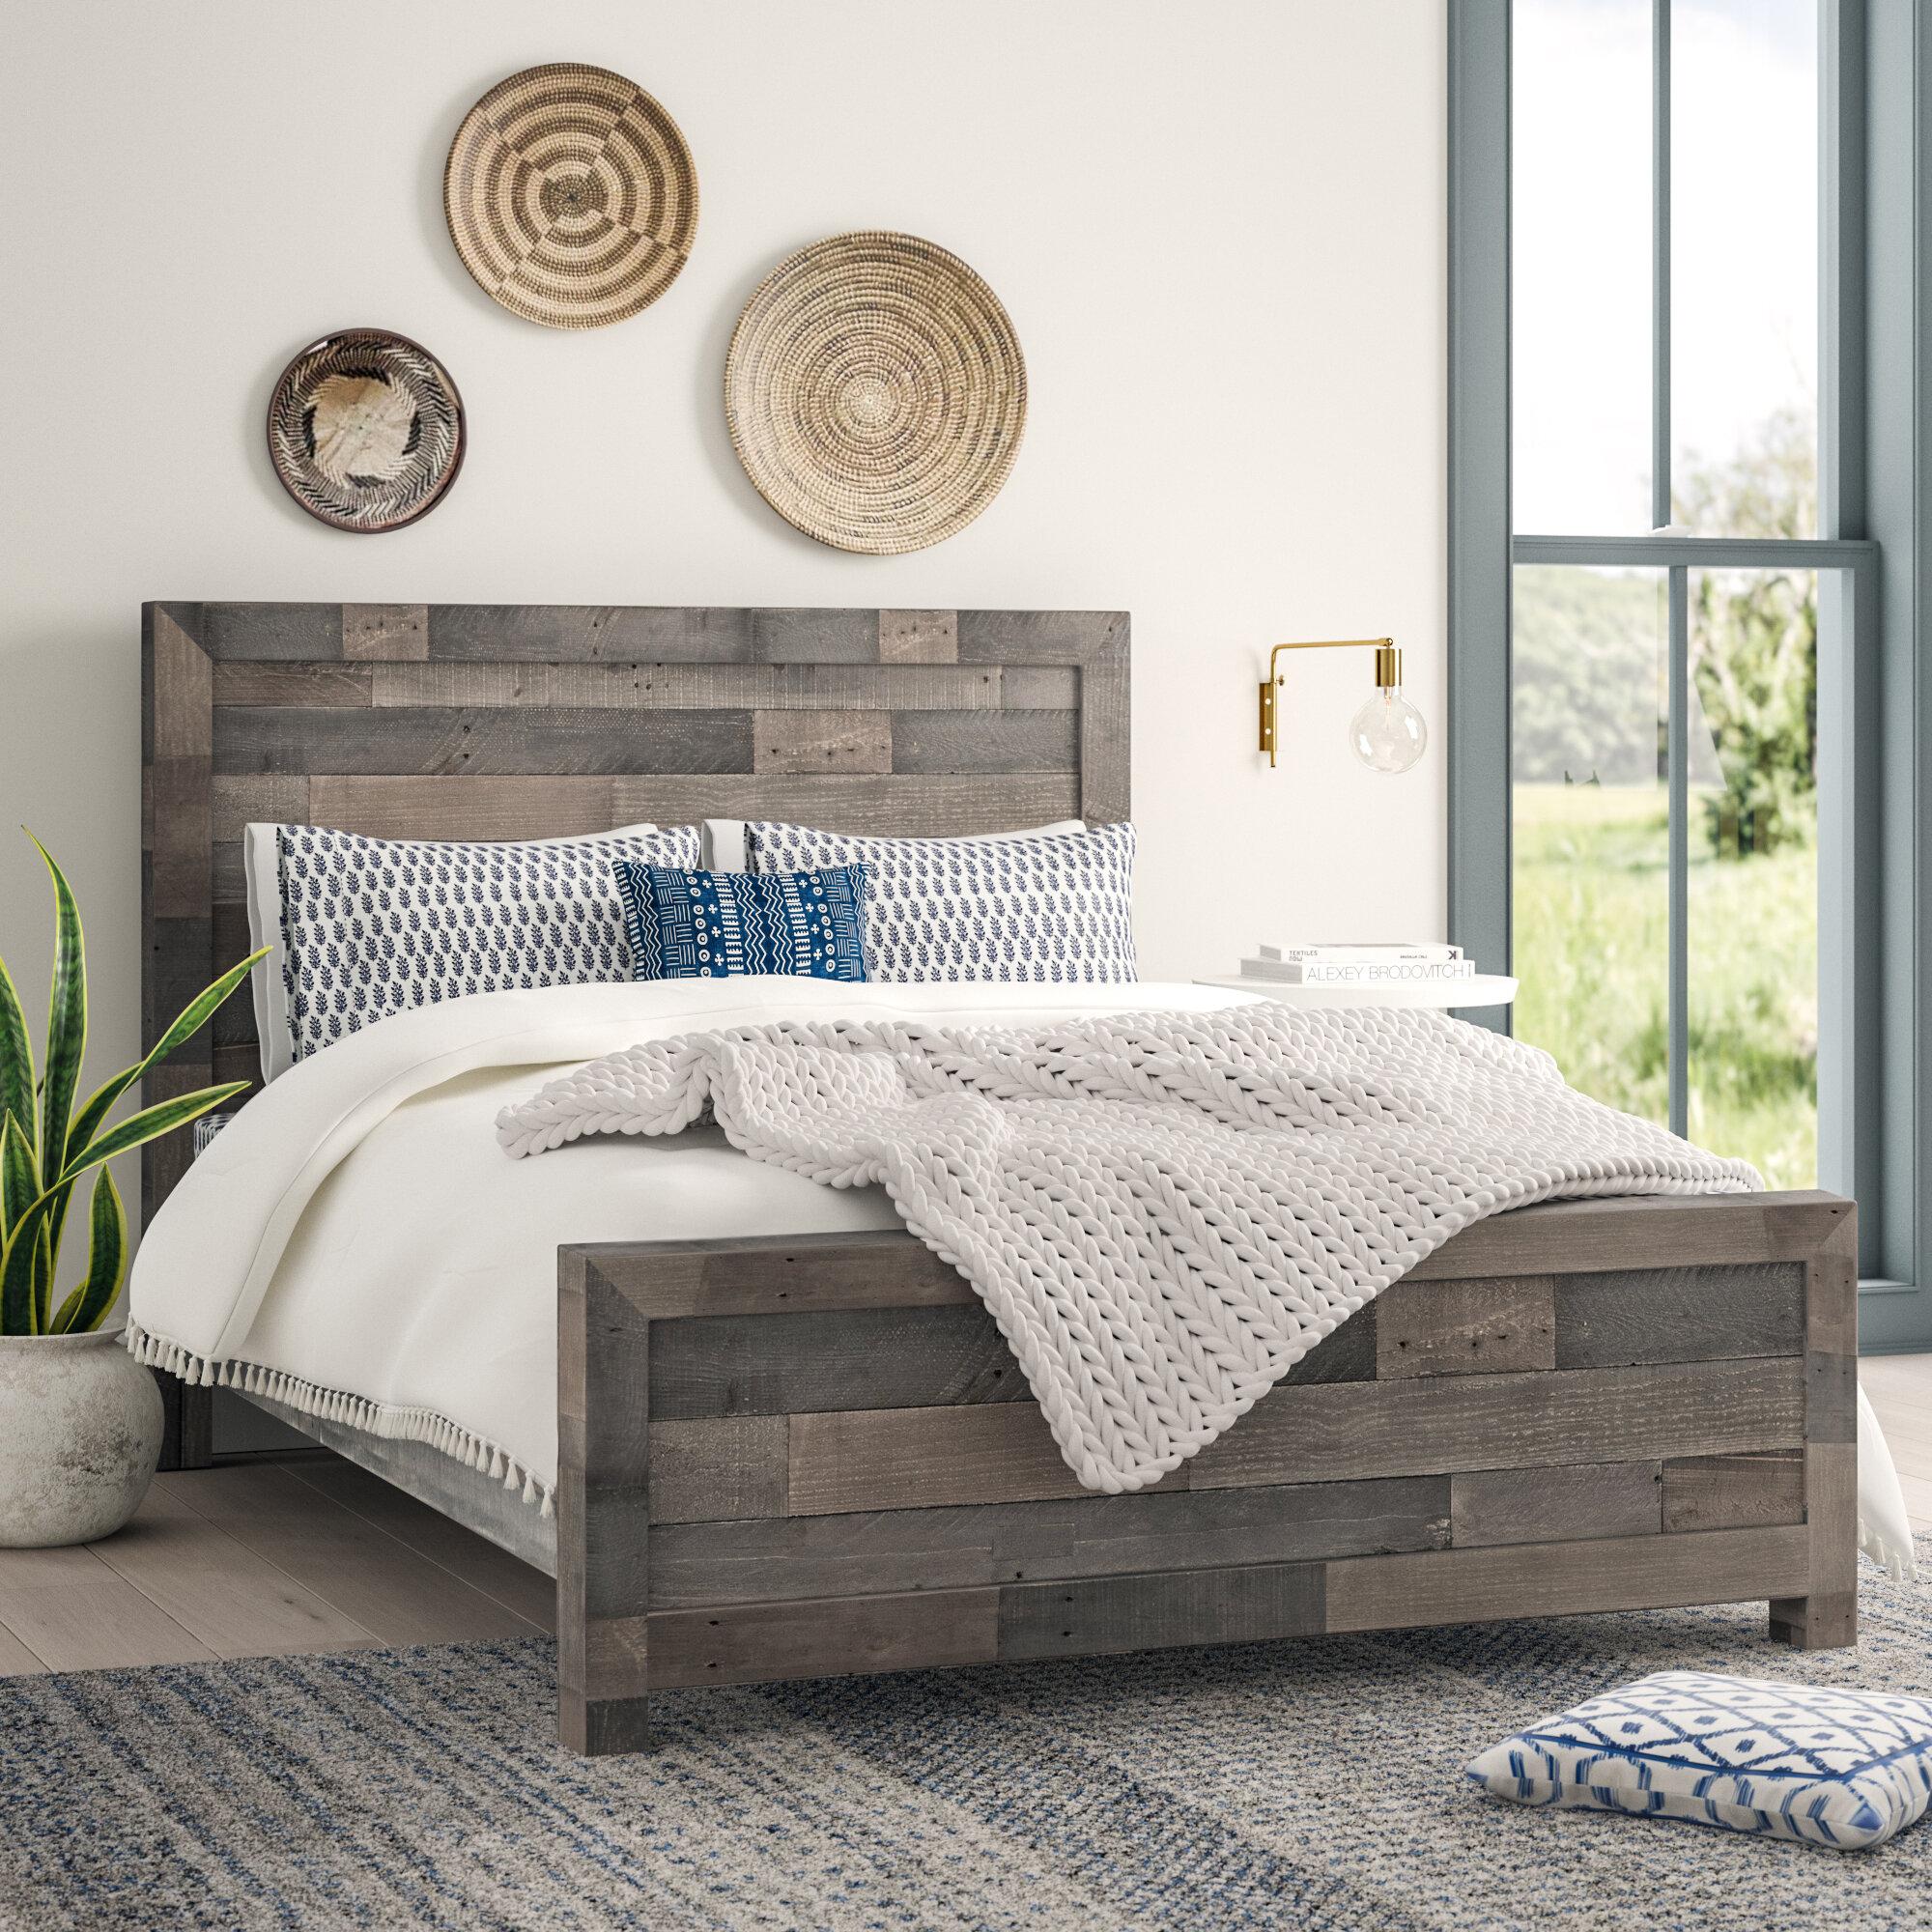 Mistana Abbey Platform Bed Reviews Wayfair